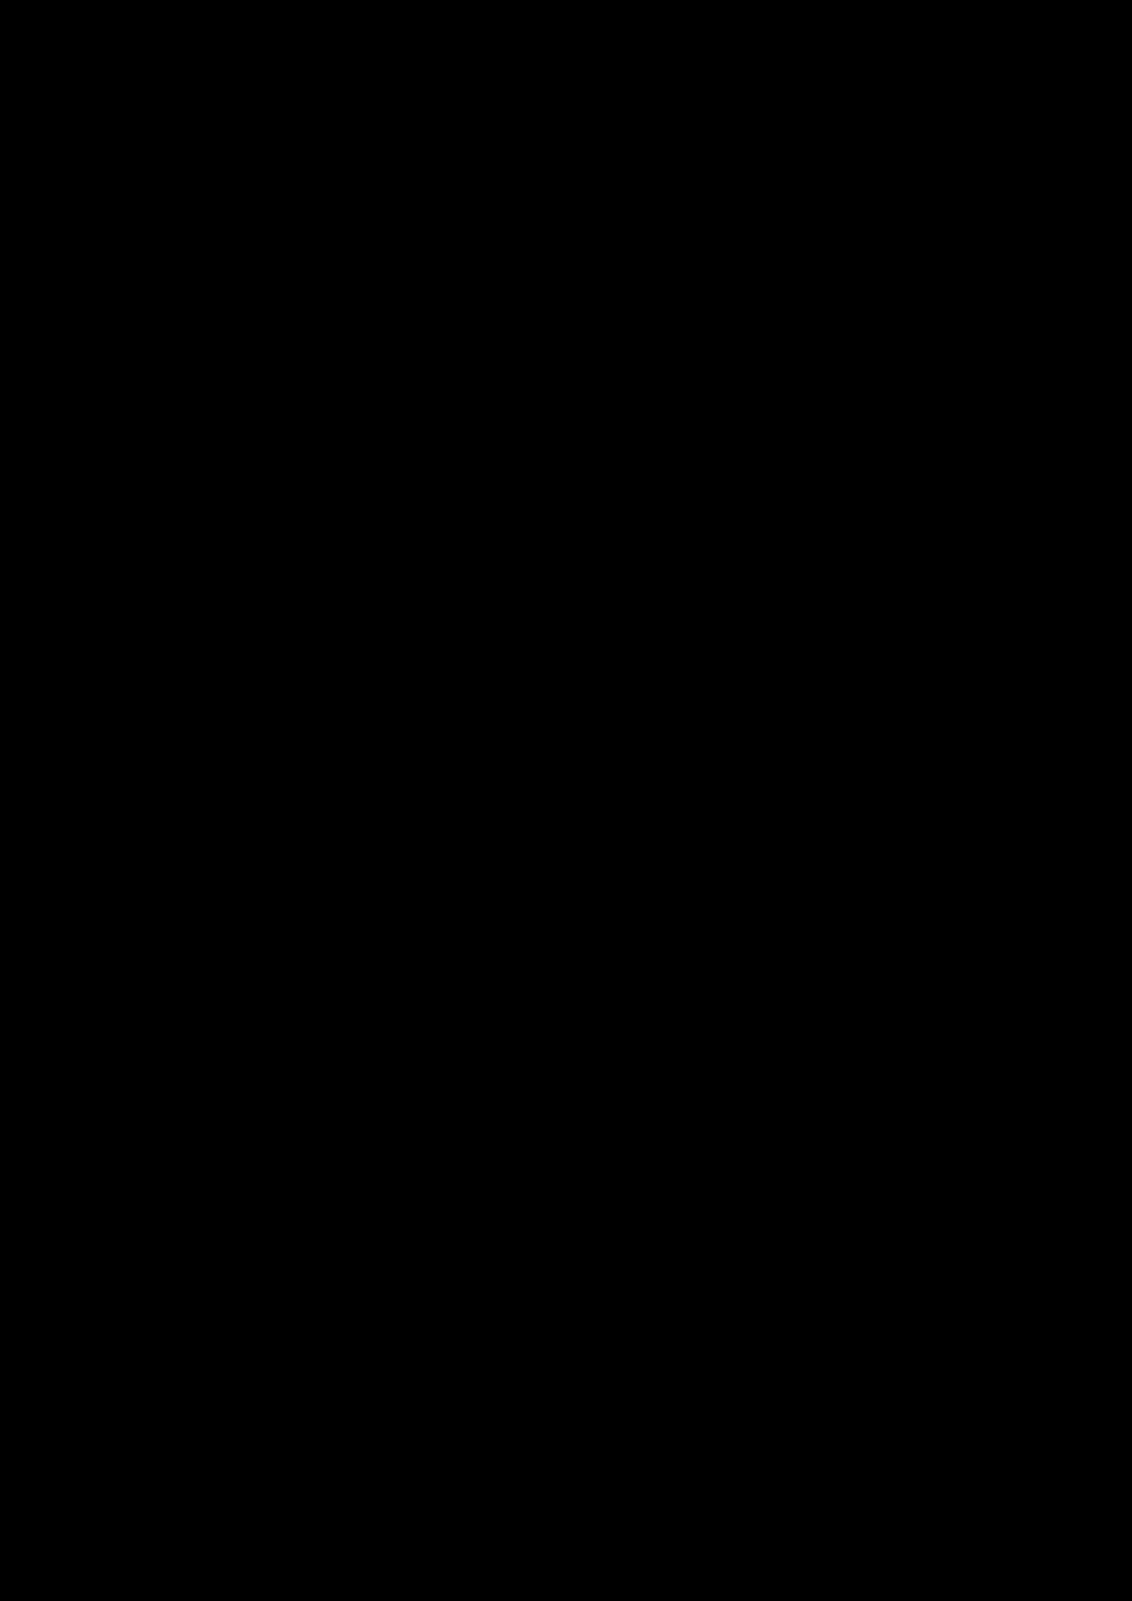 Vyibor Est slide, Image 28